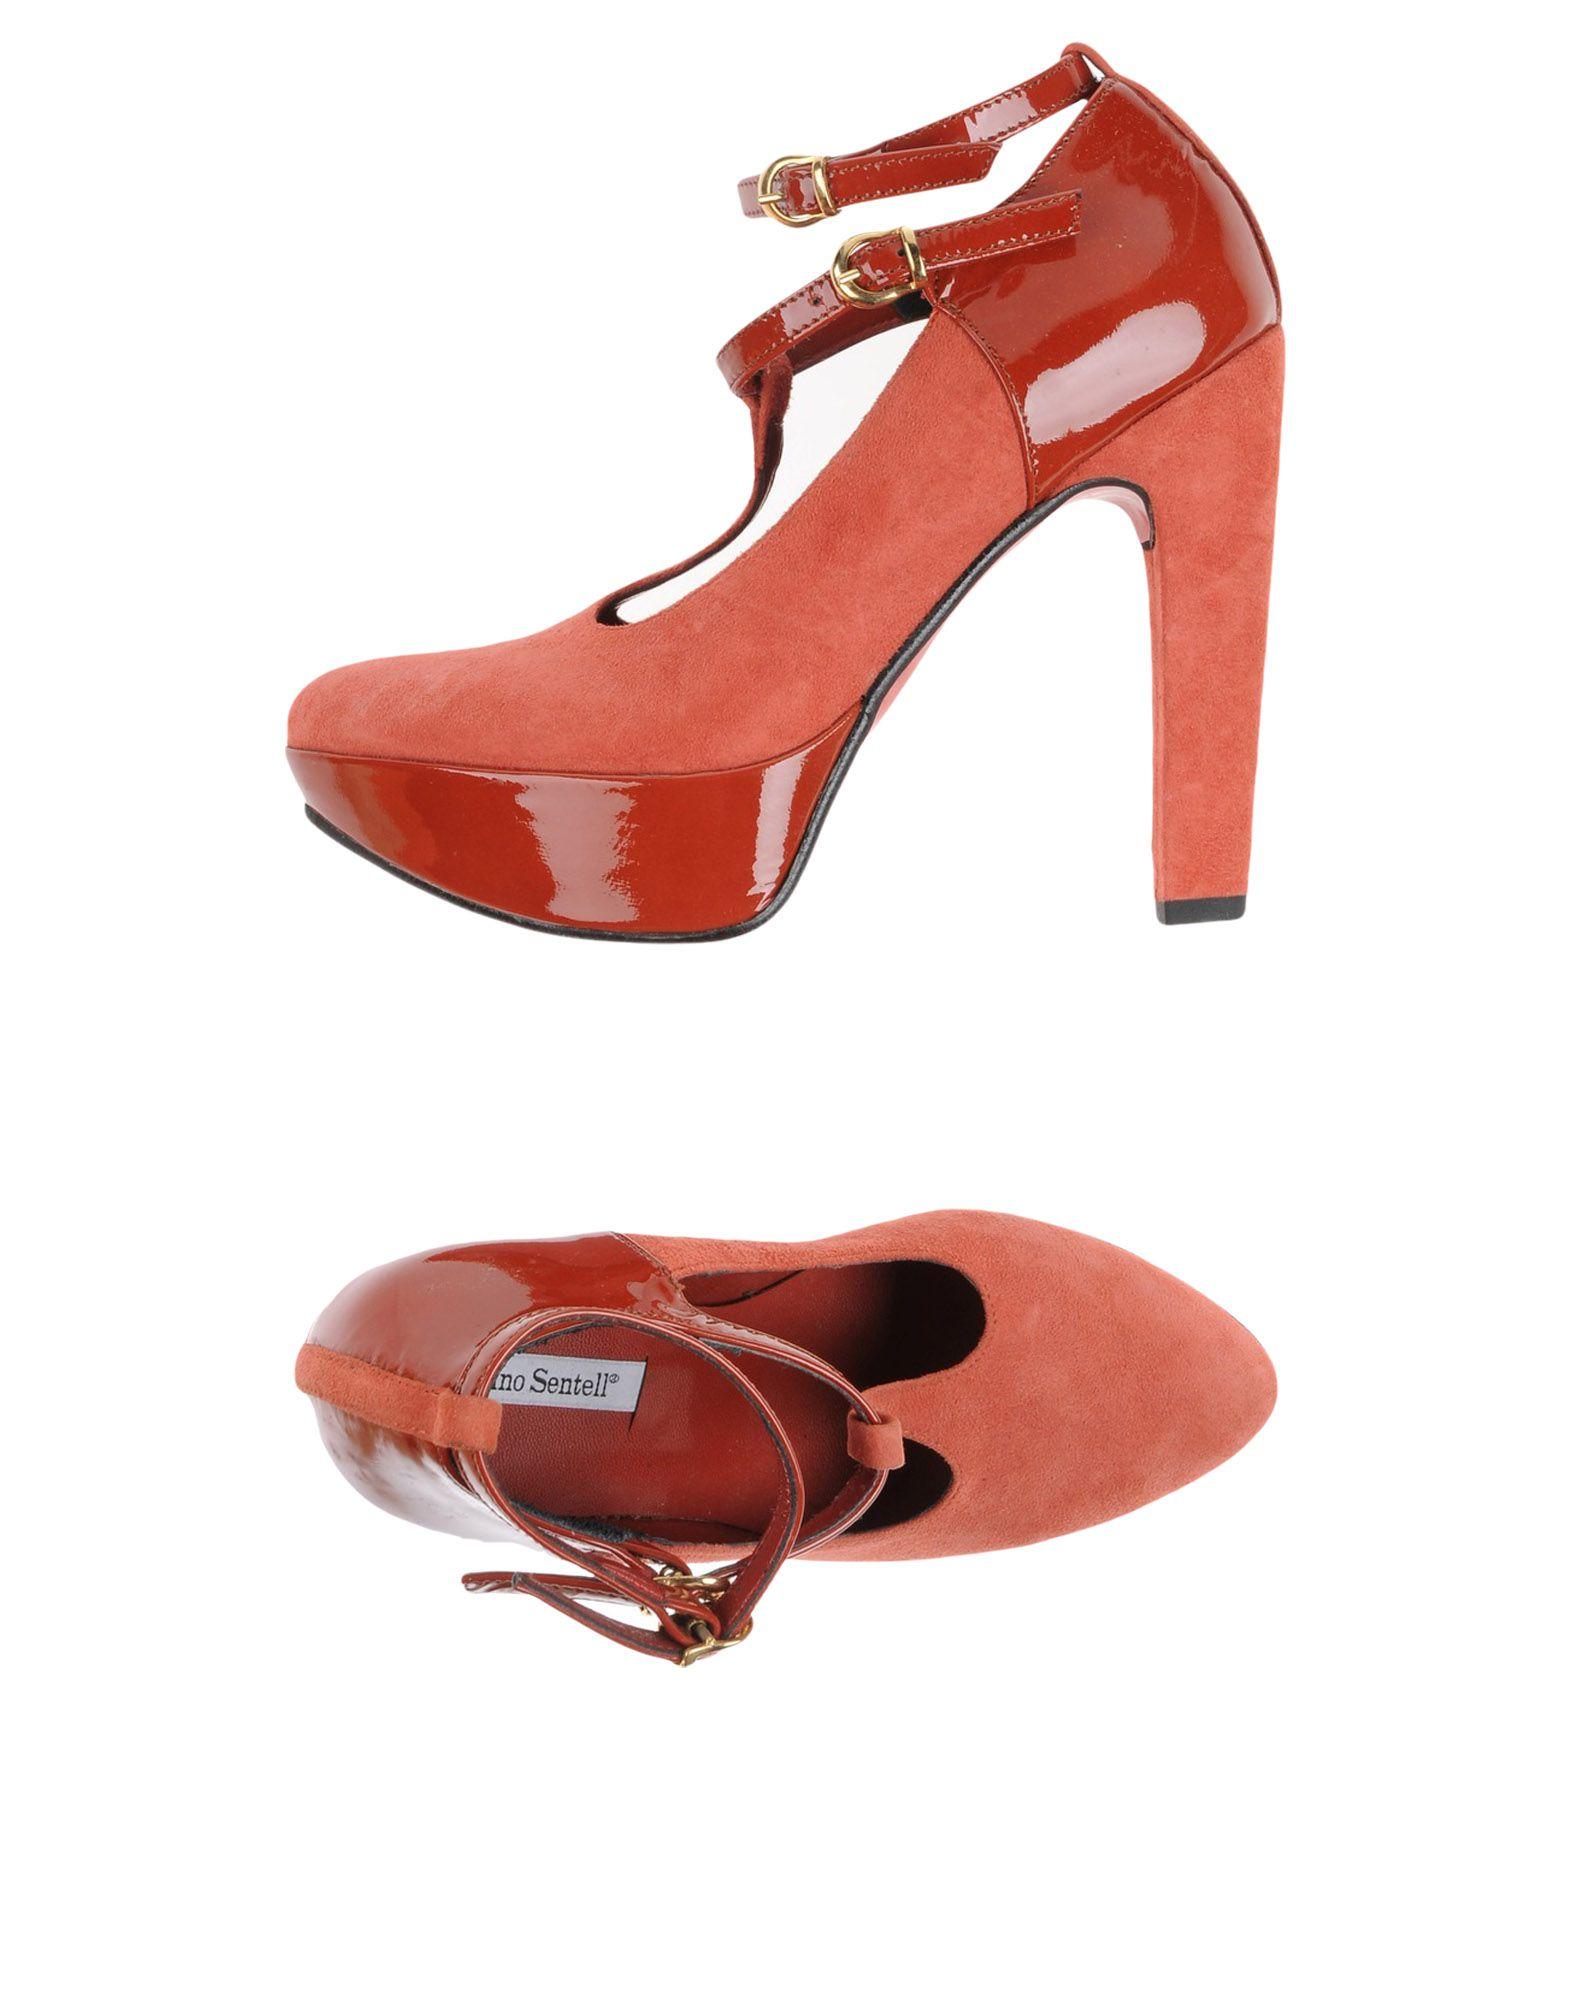 GINO SENTELL® Zapatos de salón mujer wXGUBCzCX5